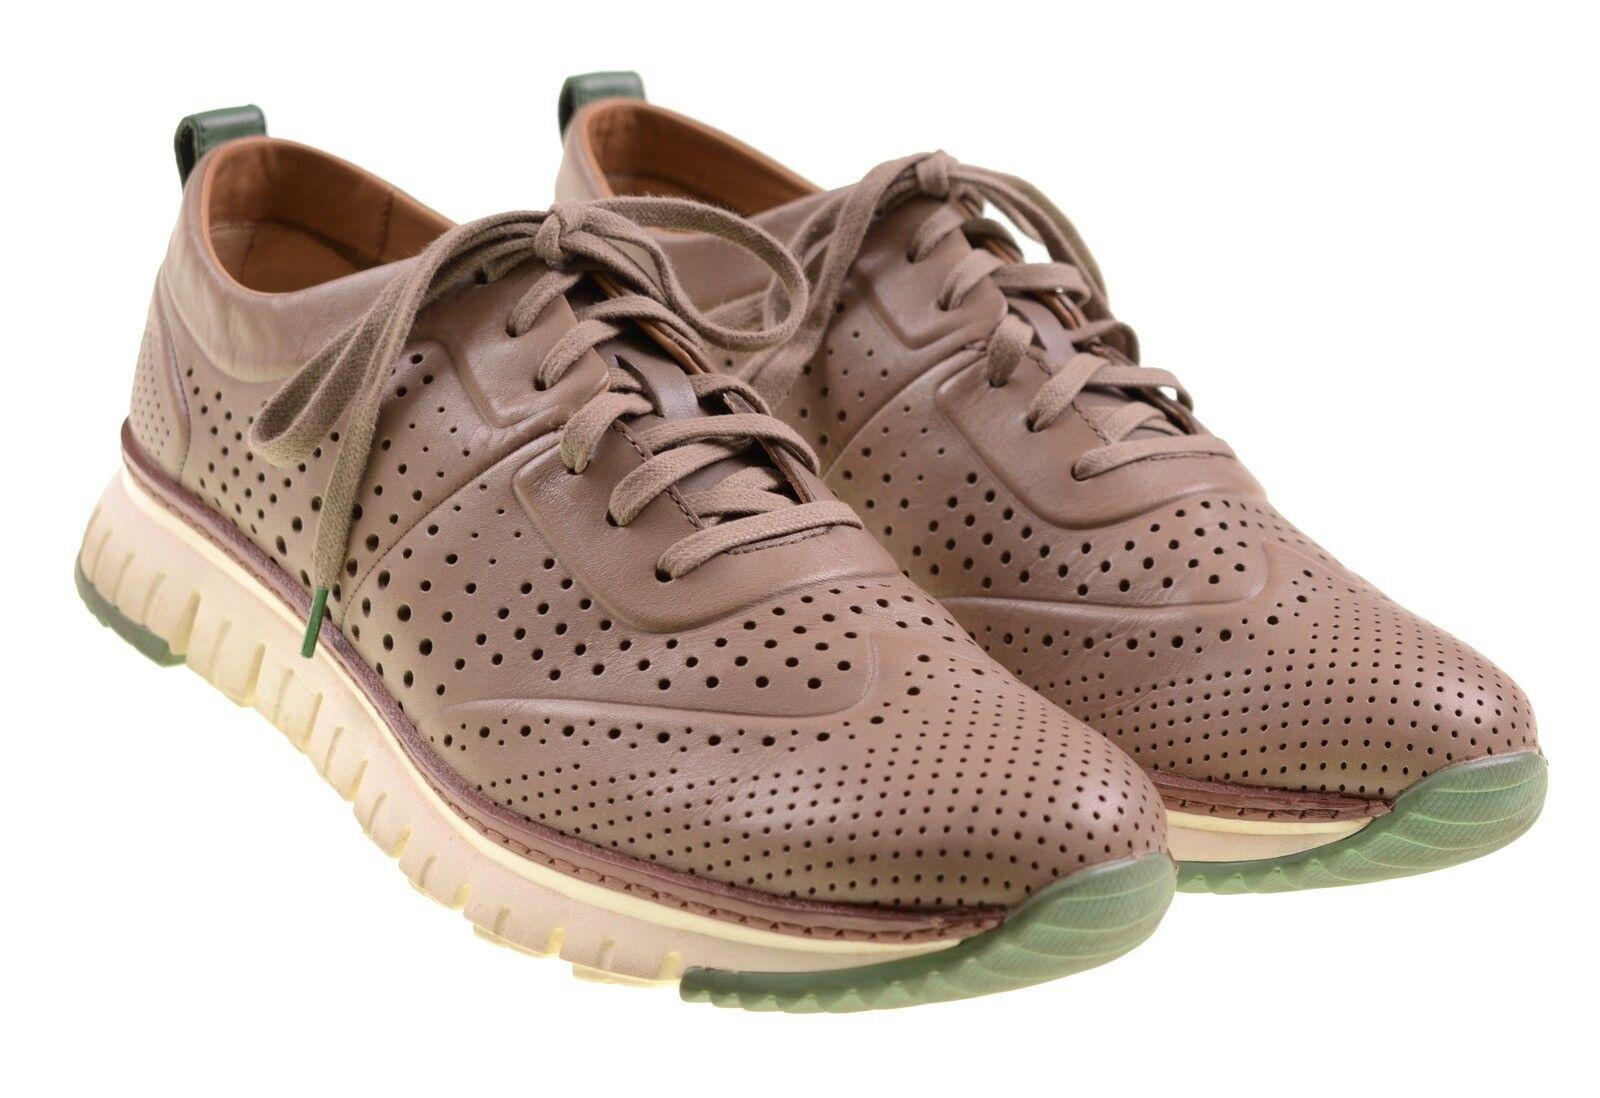 Cole Haan zerogrand Grand os Metálico Bronceado Cuero Perforado Tenis Zapatos 11